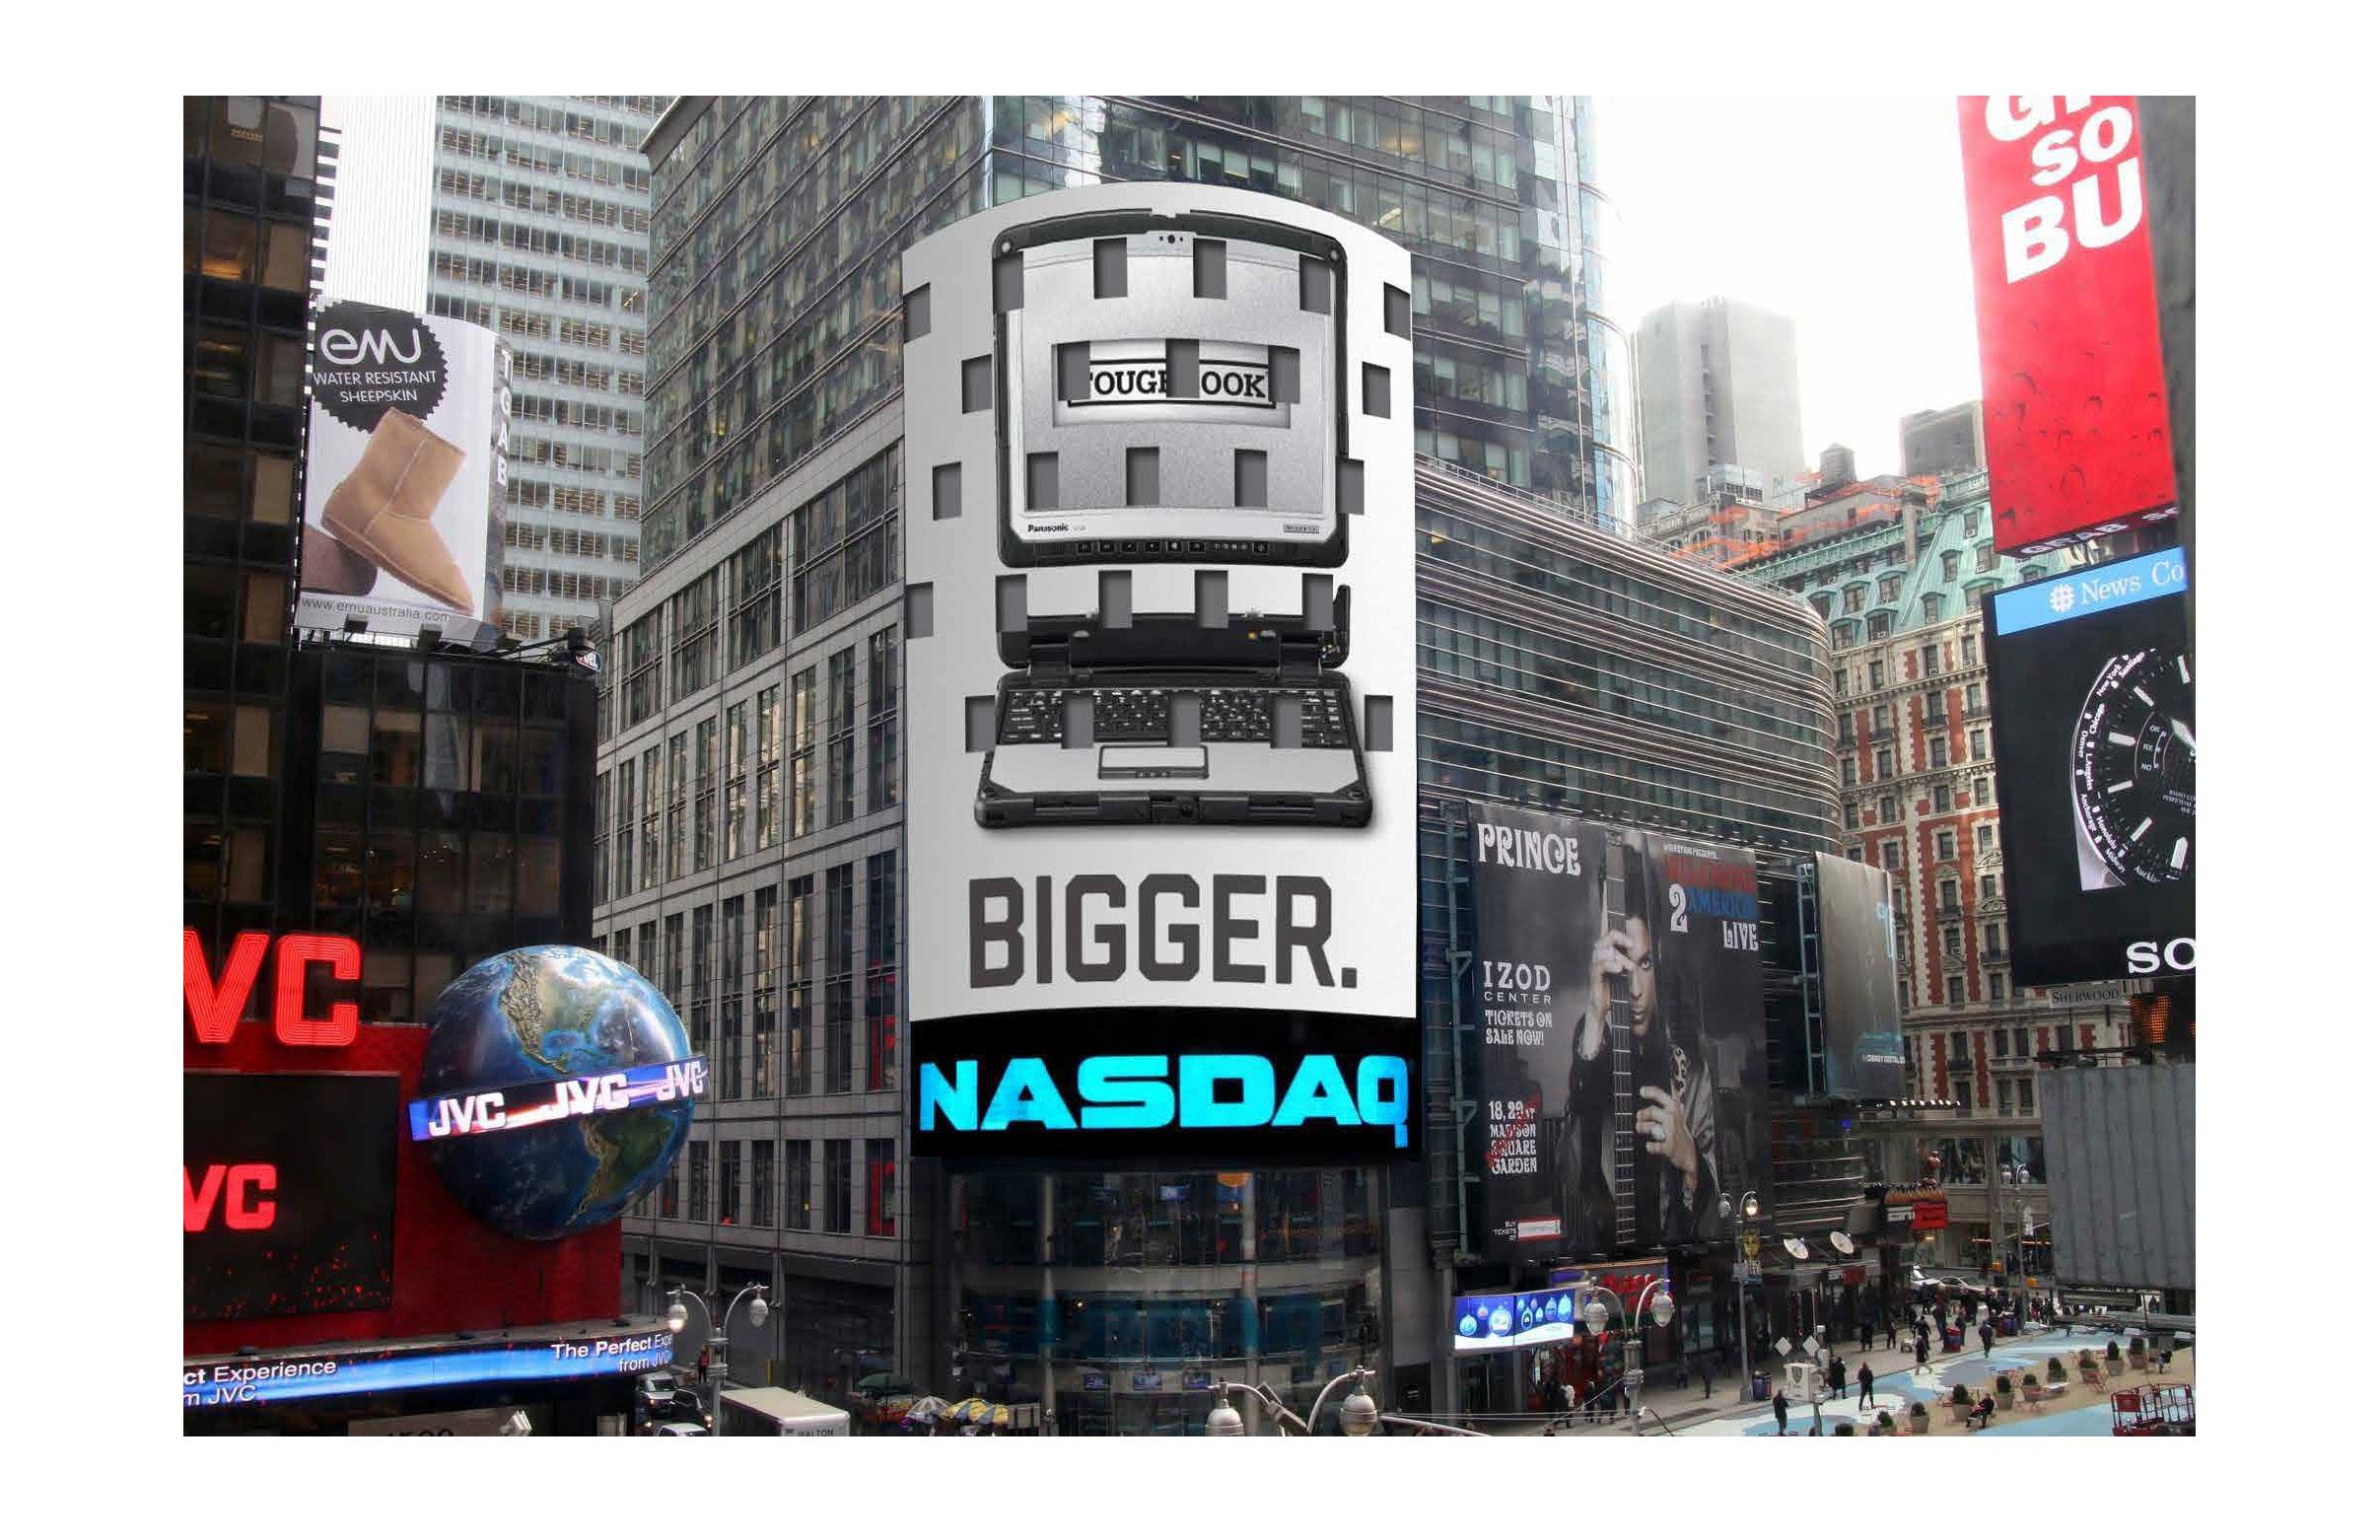 Times Square Nasdaq board